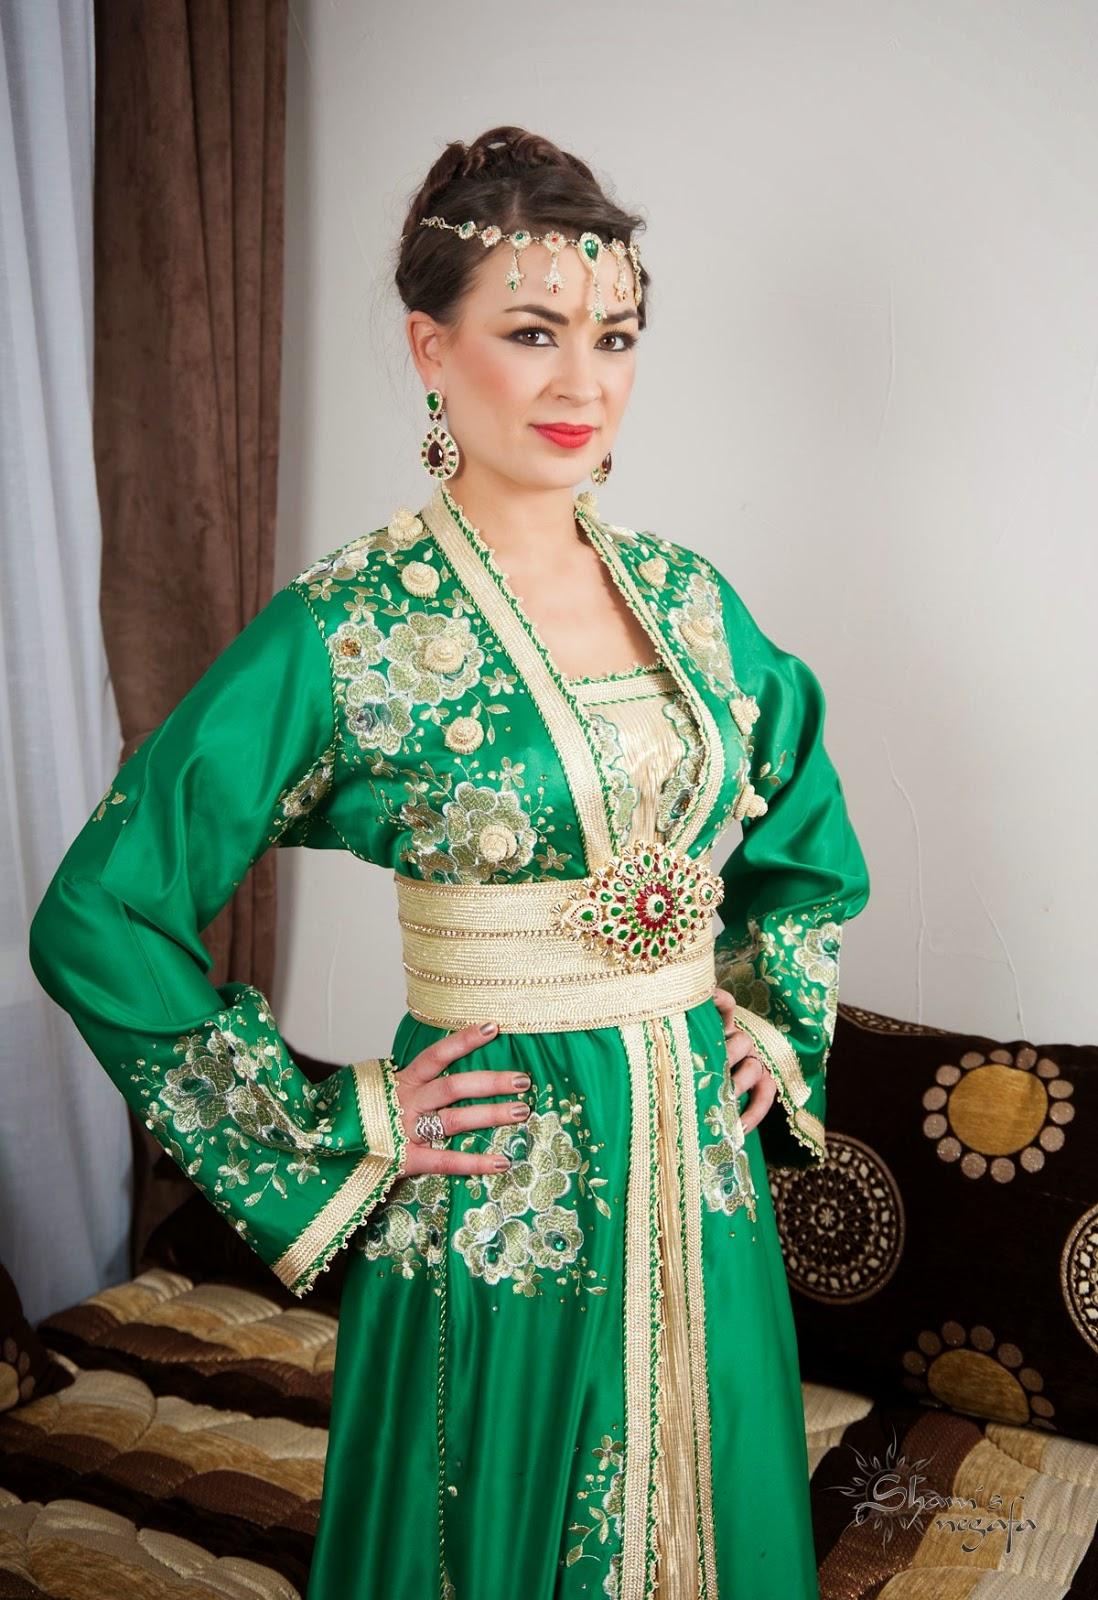 caftan 2015 vert haute couture caftan marocain caftan moderne 2017 boutique vente caftan